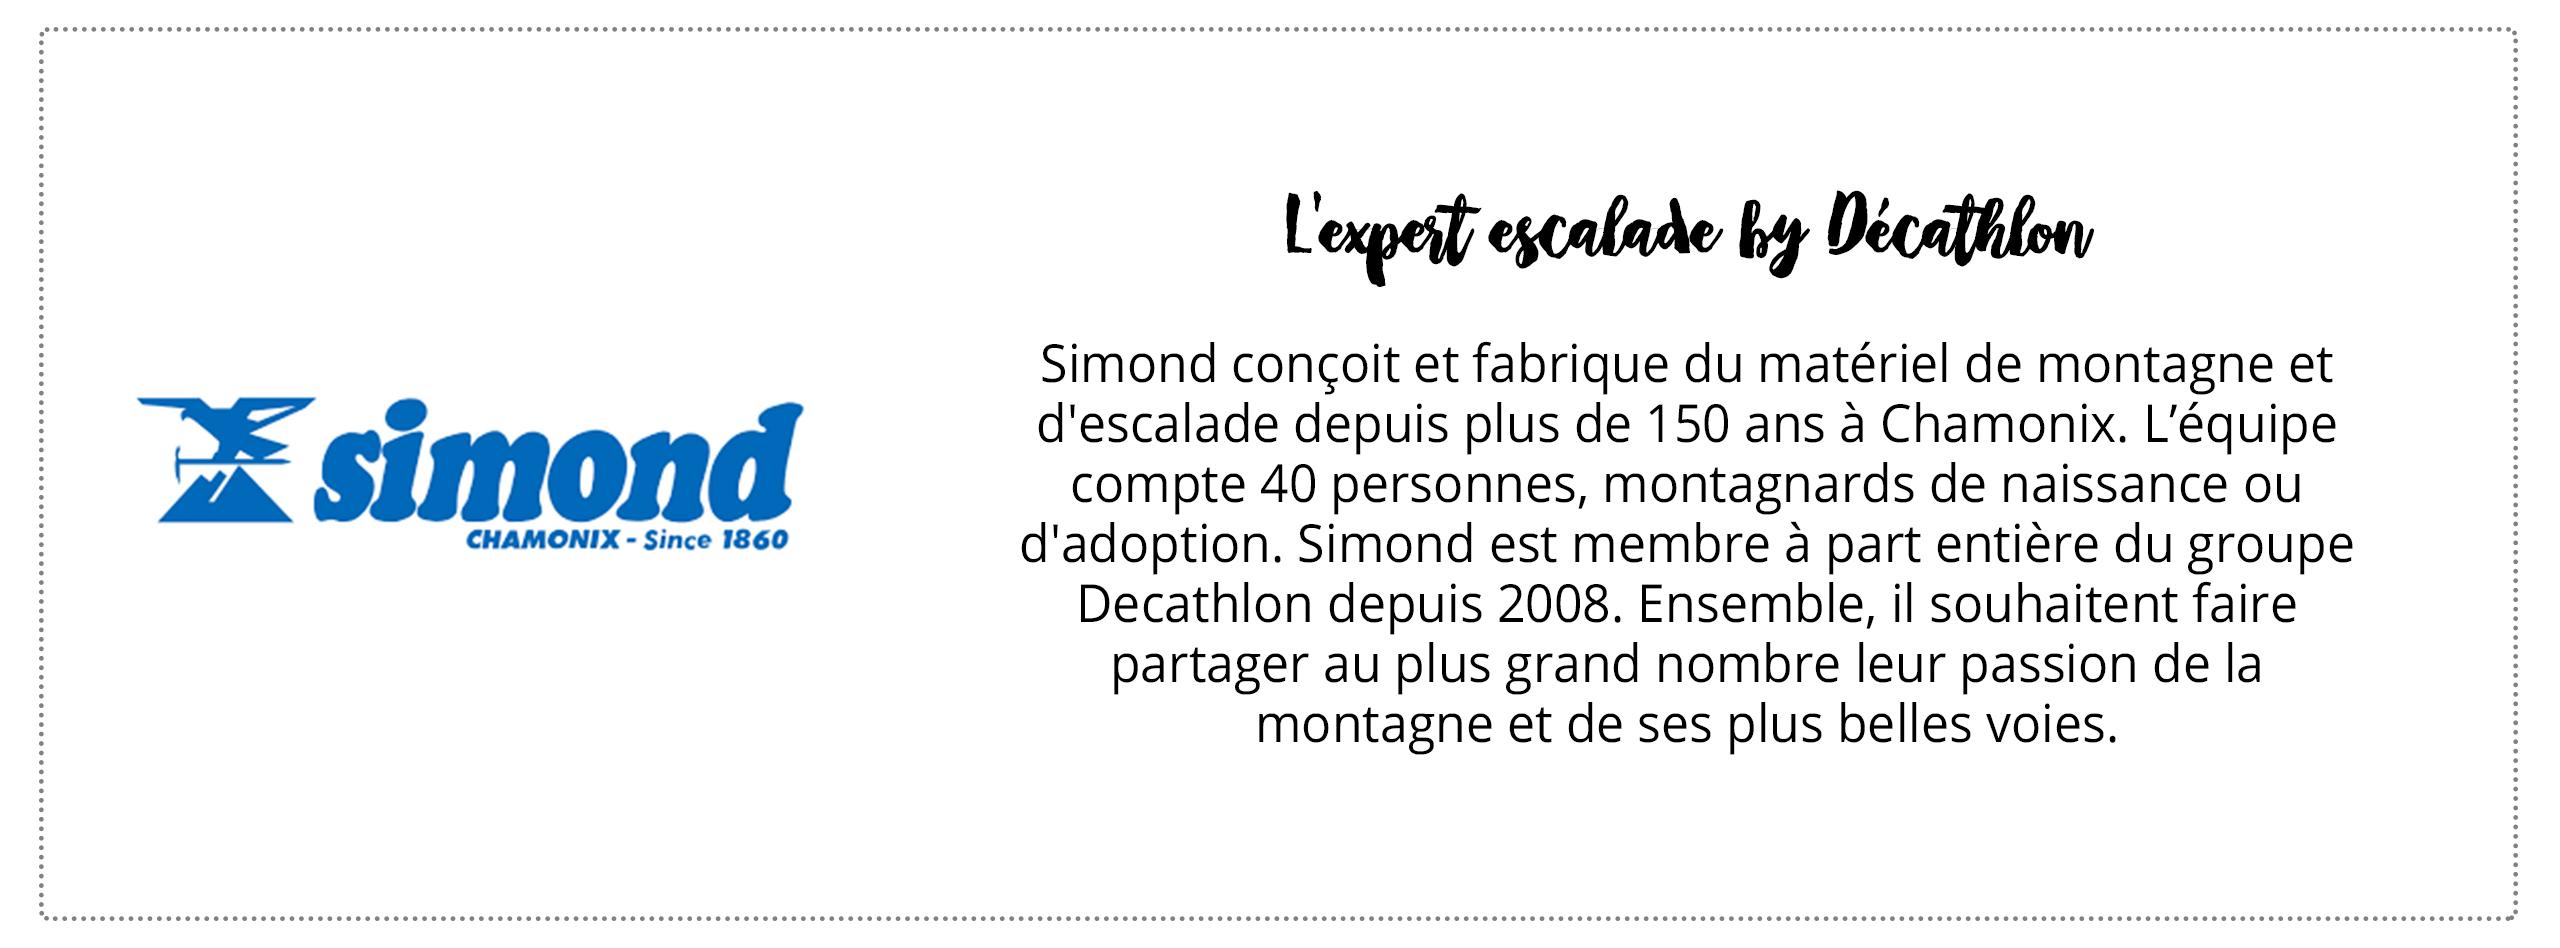 Story_Simond